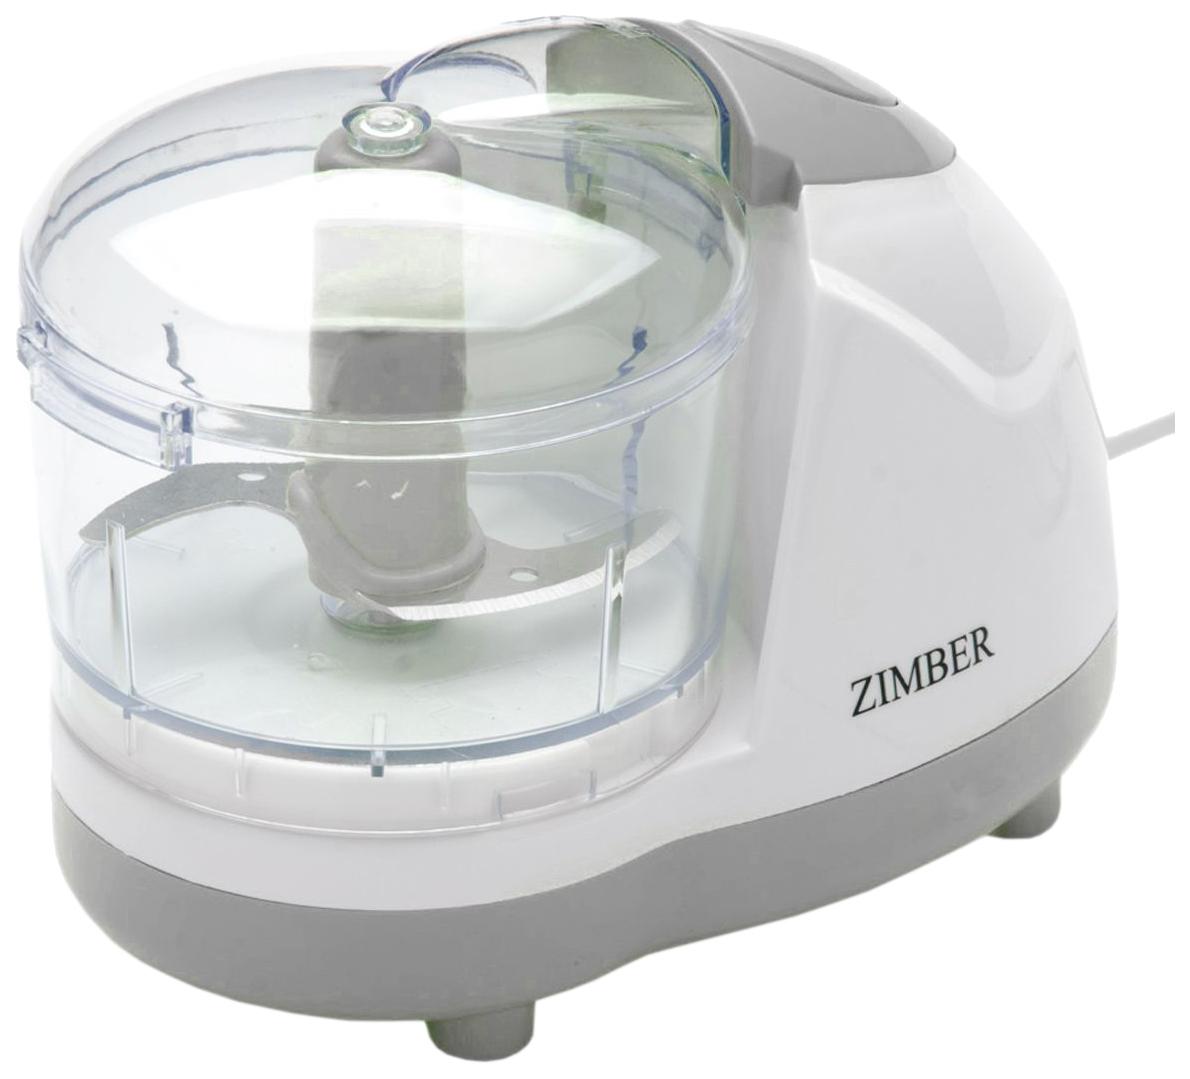 Измельчитель Zimber ZM 10991 992651